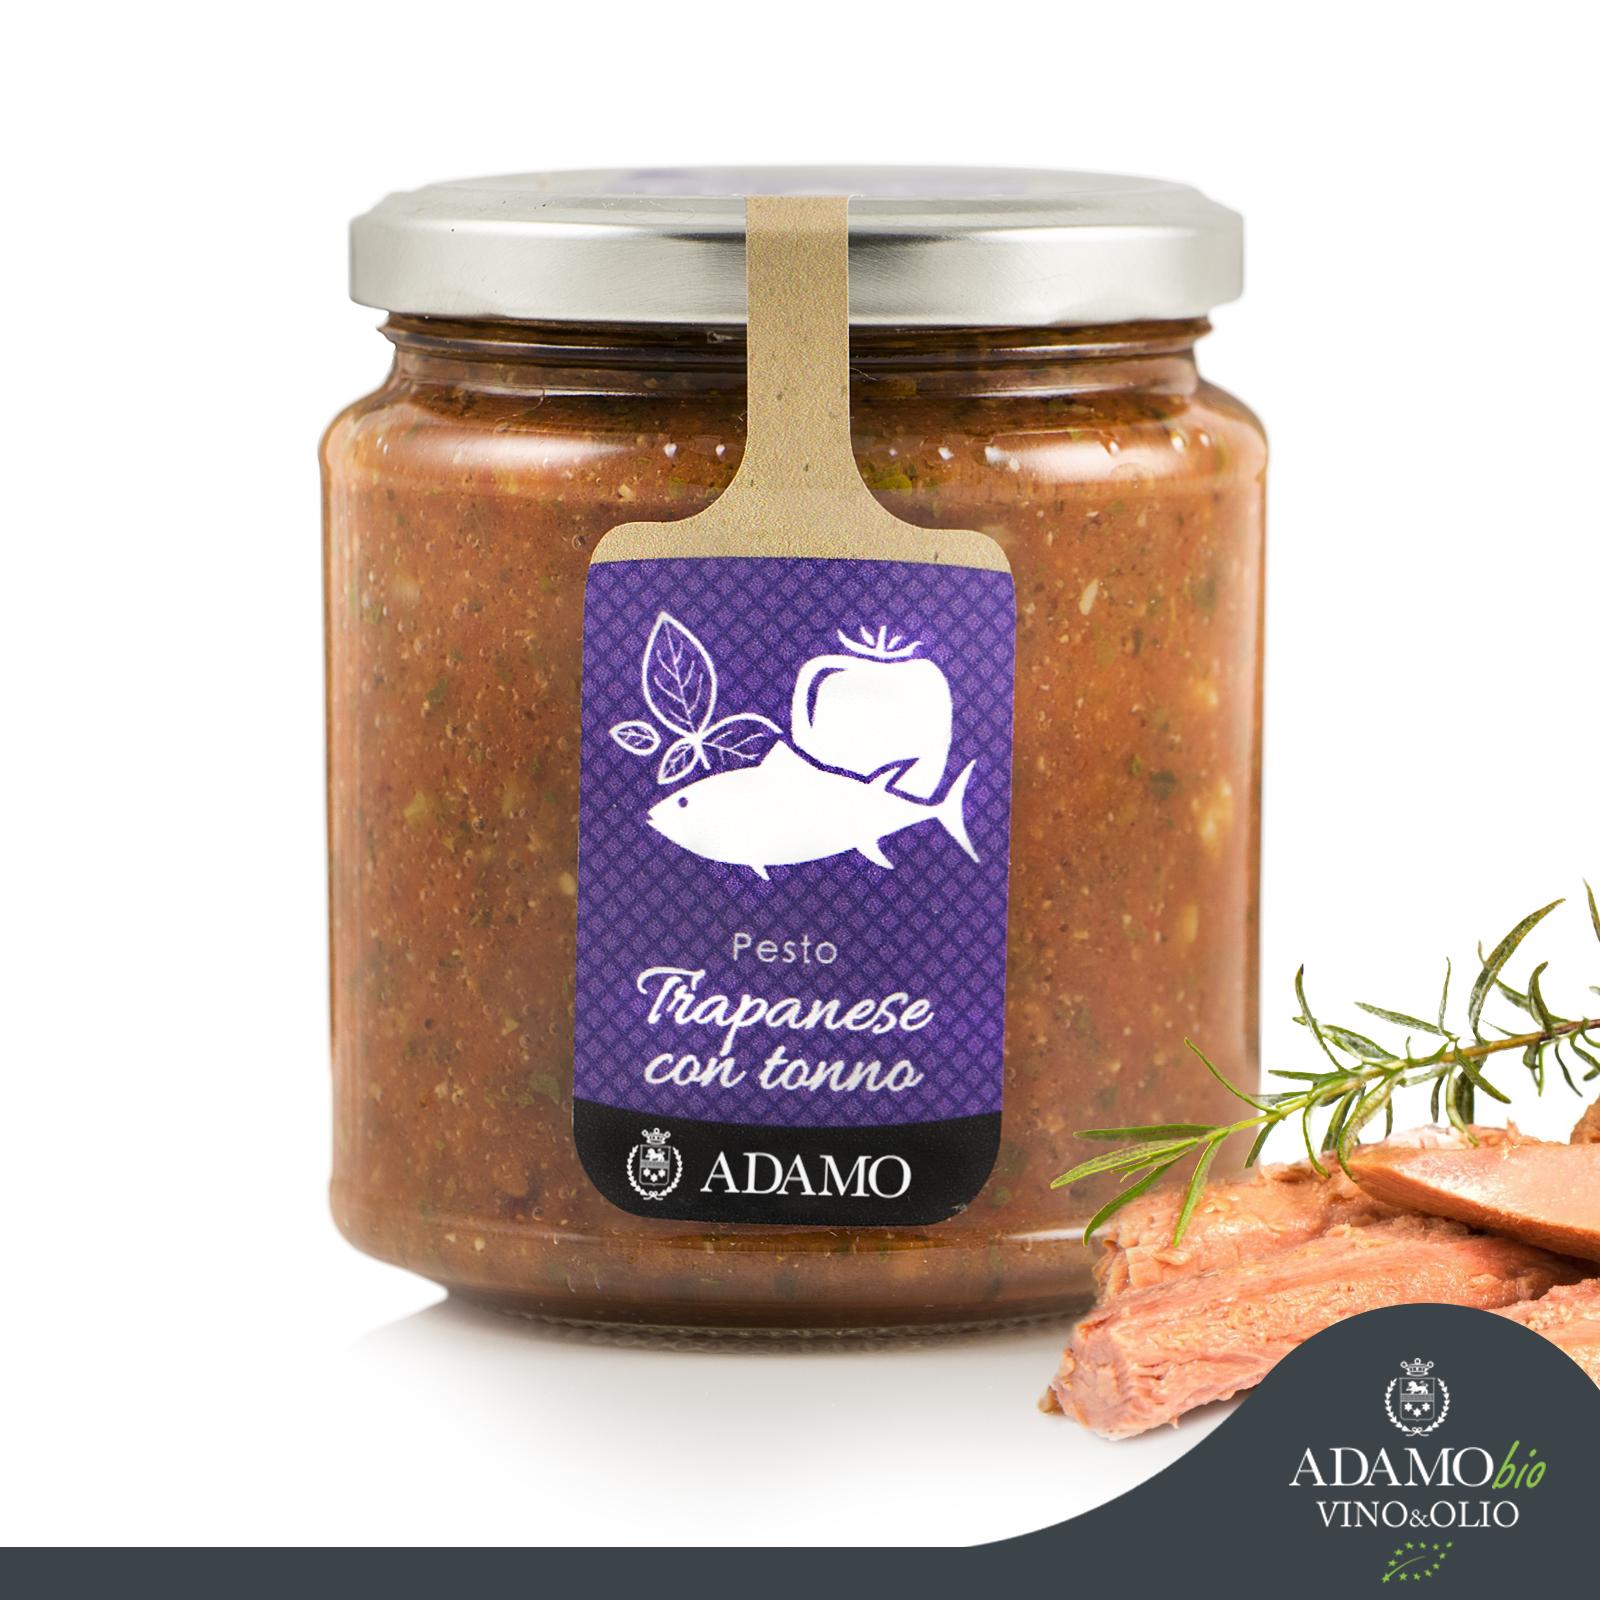 Pesto Trapanese con Tonno - Azienda Agricola Biologica Adamo